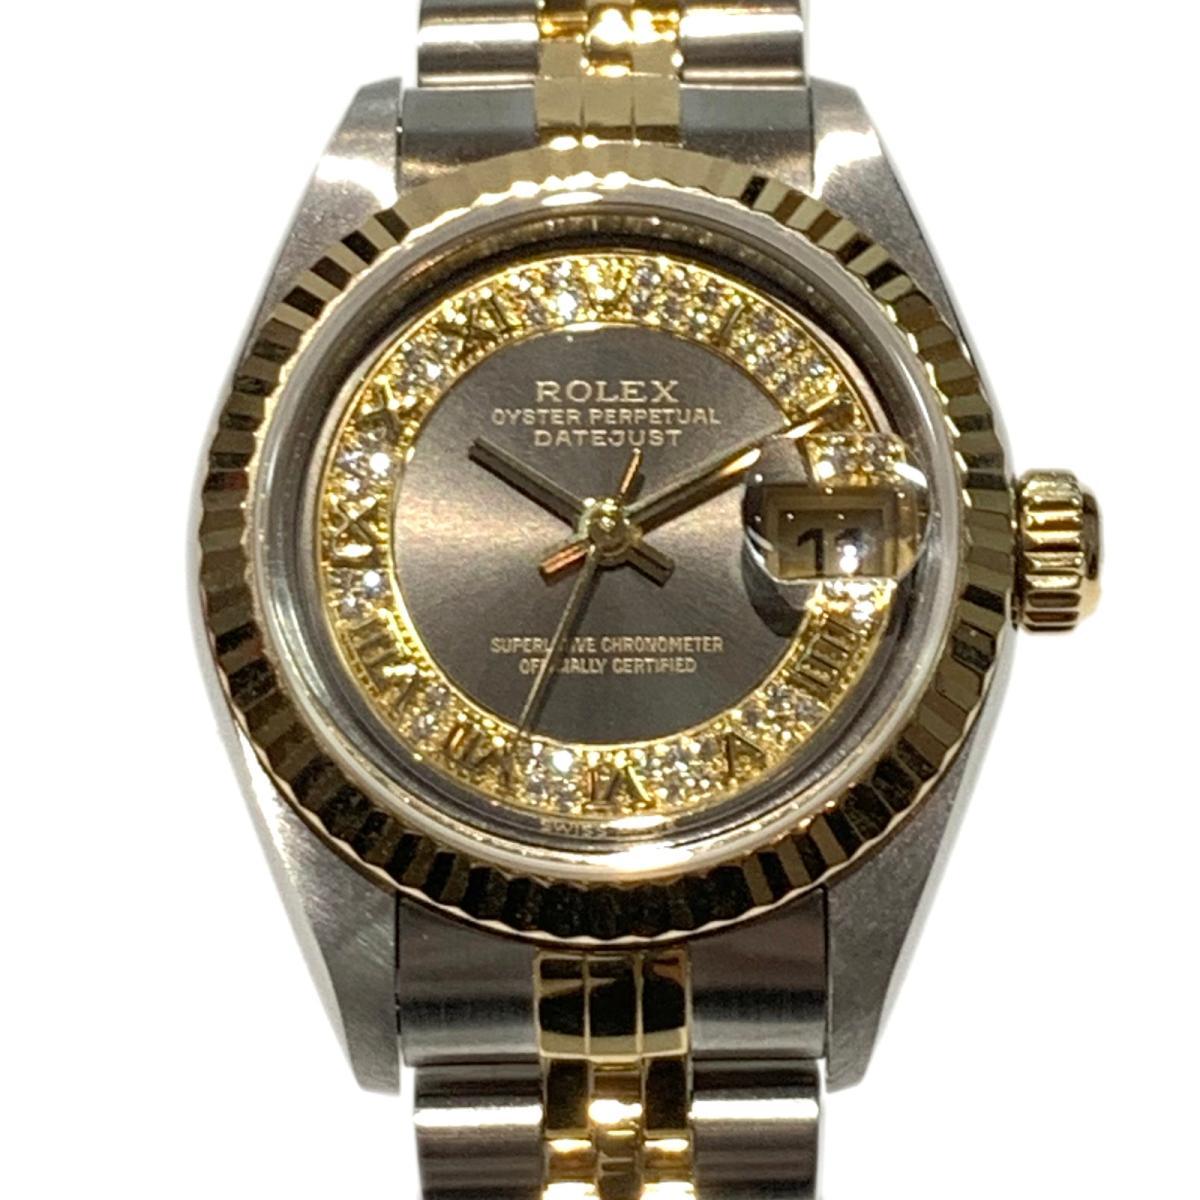 ≪期間限定≫メルマガ登録でクーポンGET! 【中古】 ロレックス デイトジャスト 腕時計 ウォッチ レディース ステンレススチール (SS) イエローゴールド ダイヤモンド ゴールド (79173MR) | ROLEX BRANDOFF ブランドオフ ブランド ブランド時計 ブランド腕時計